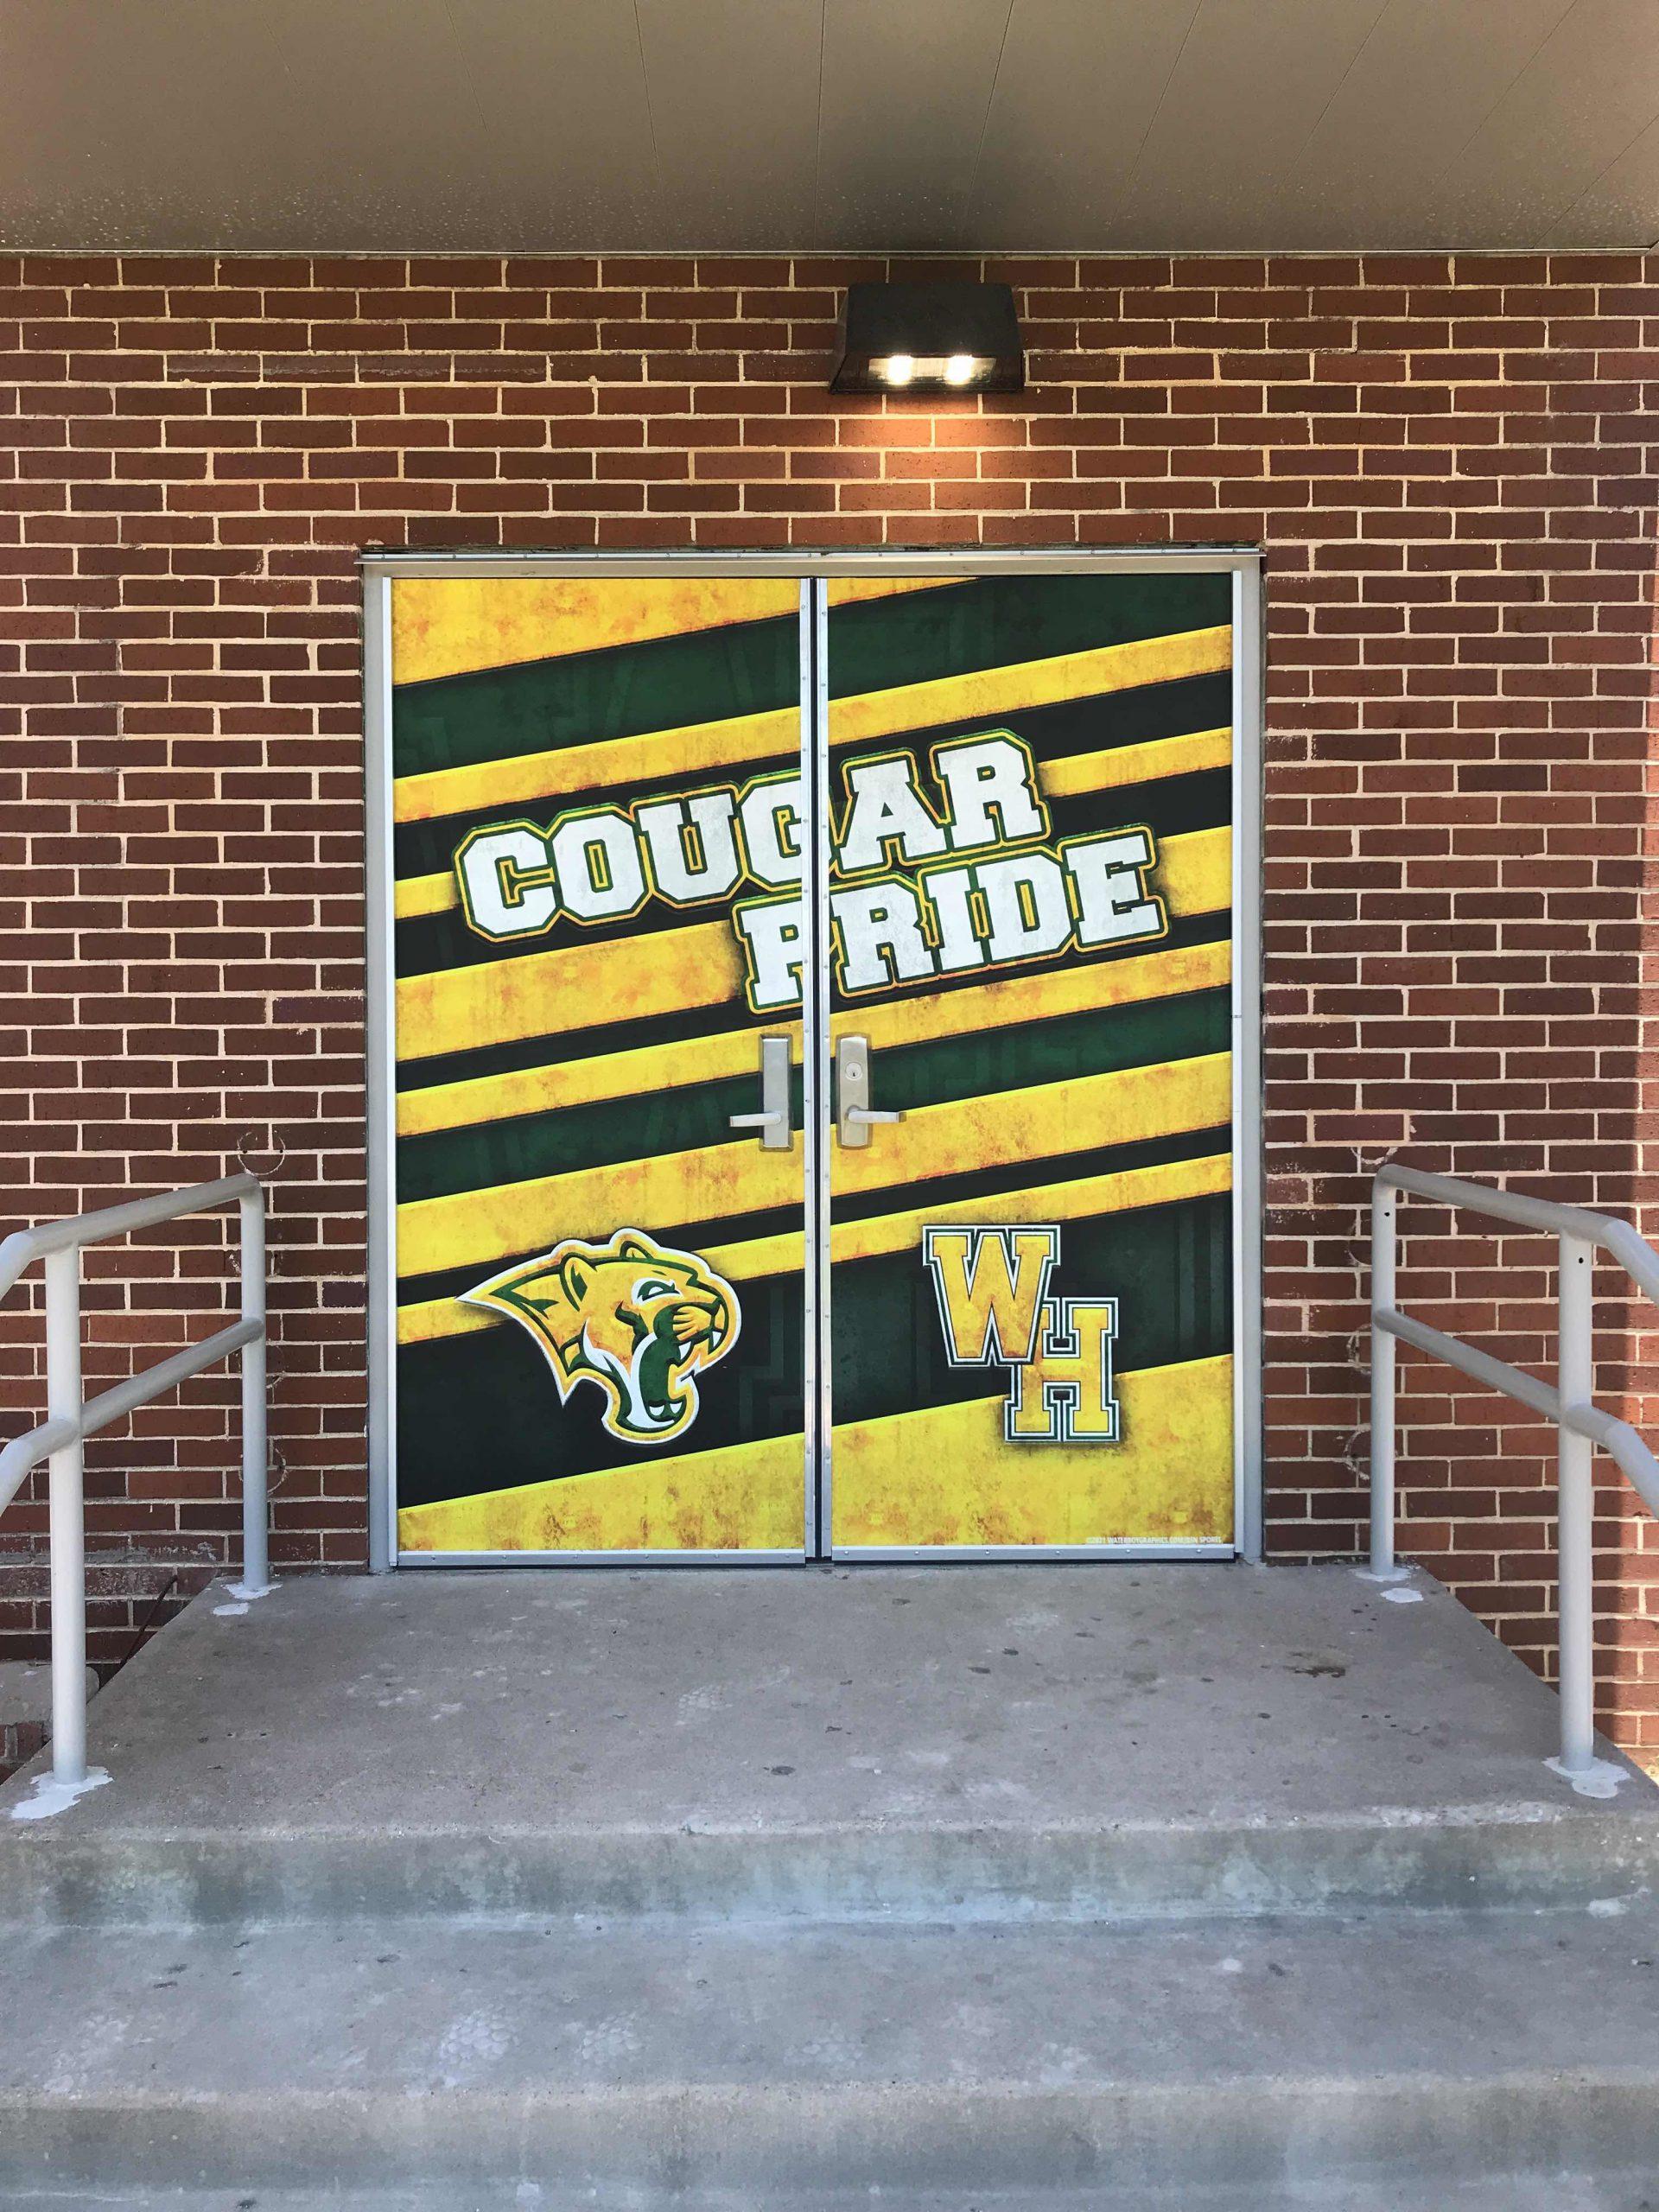 Cougar Pride image 0